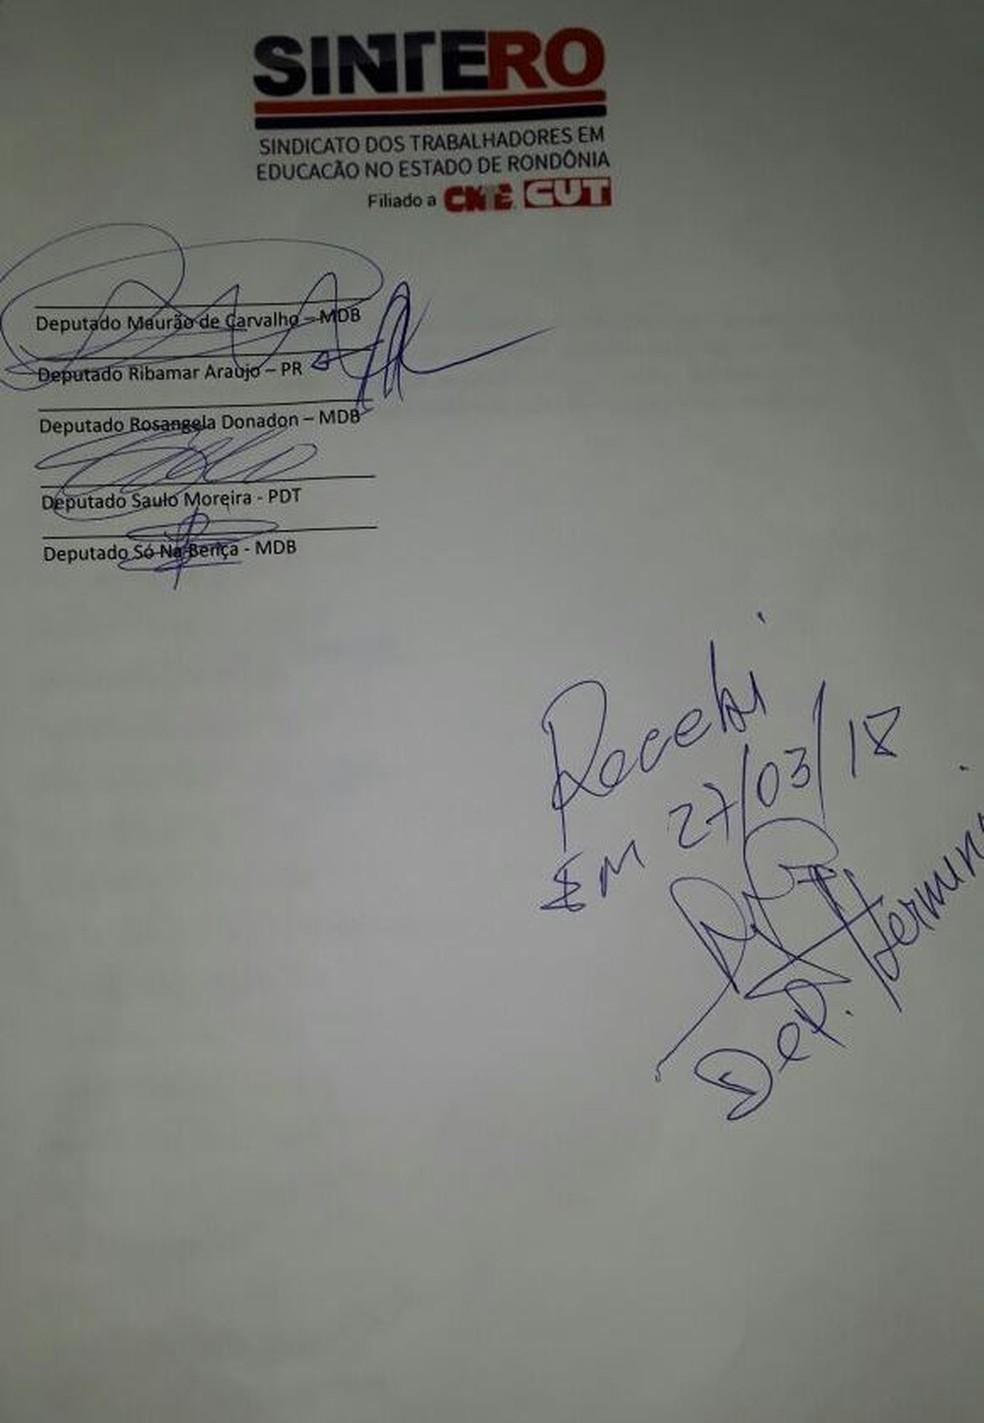 Documento assinado pelos deputados, divulgado pelo Sintero (Foto: Sintero)